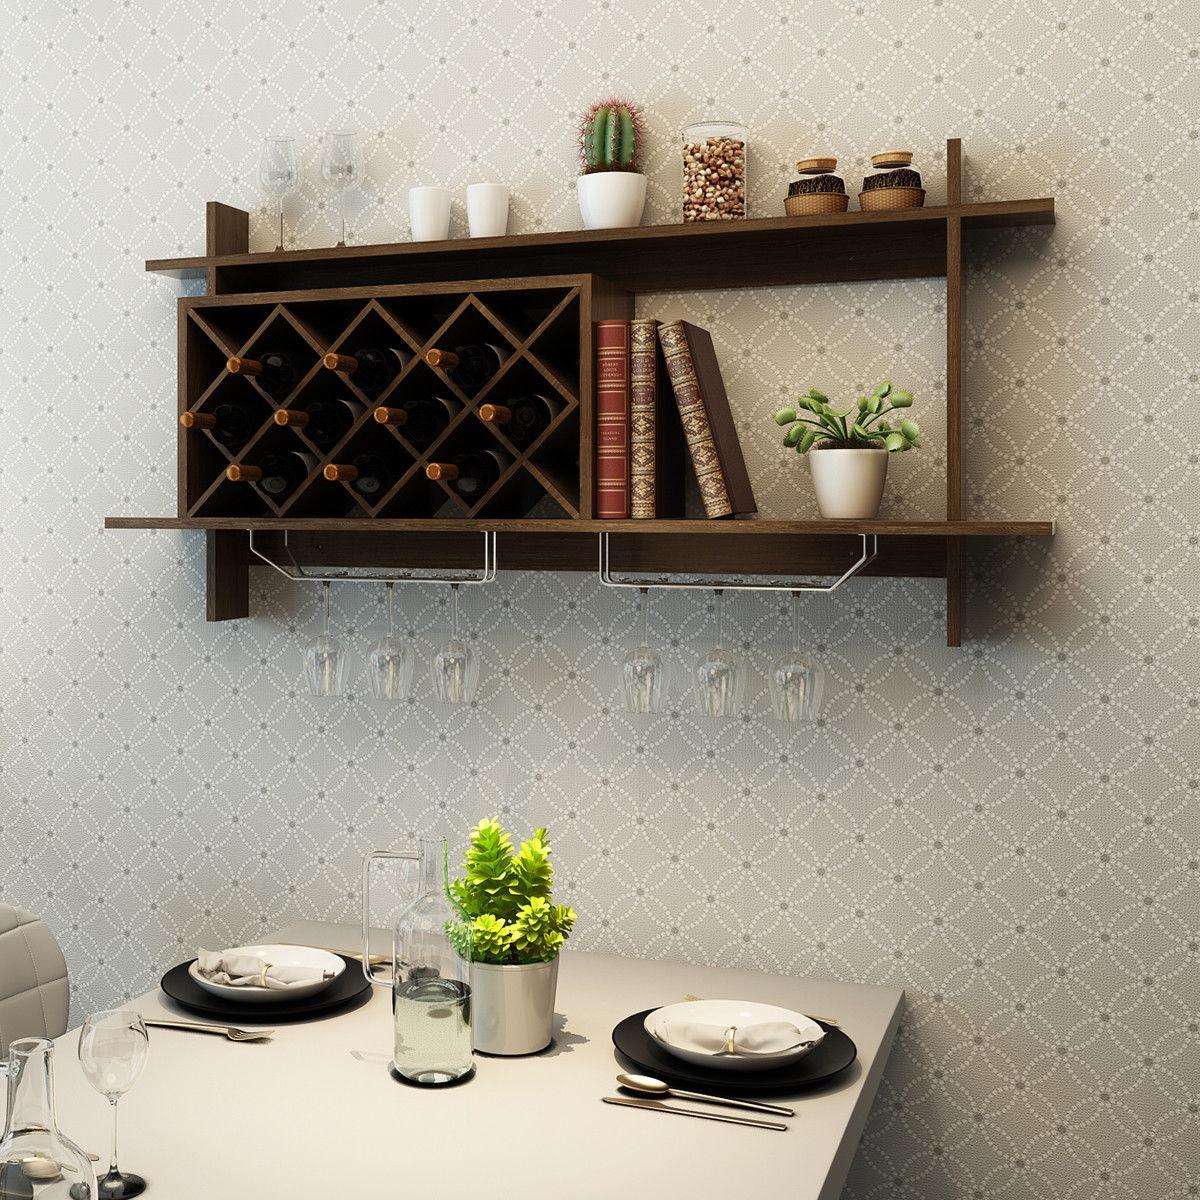 Wall Mount Wine Rack with Glass Holder & Storage Shelf-Walnut